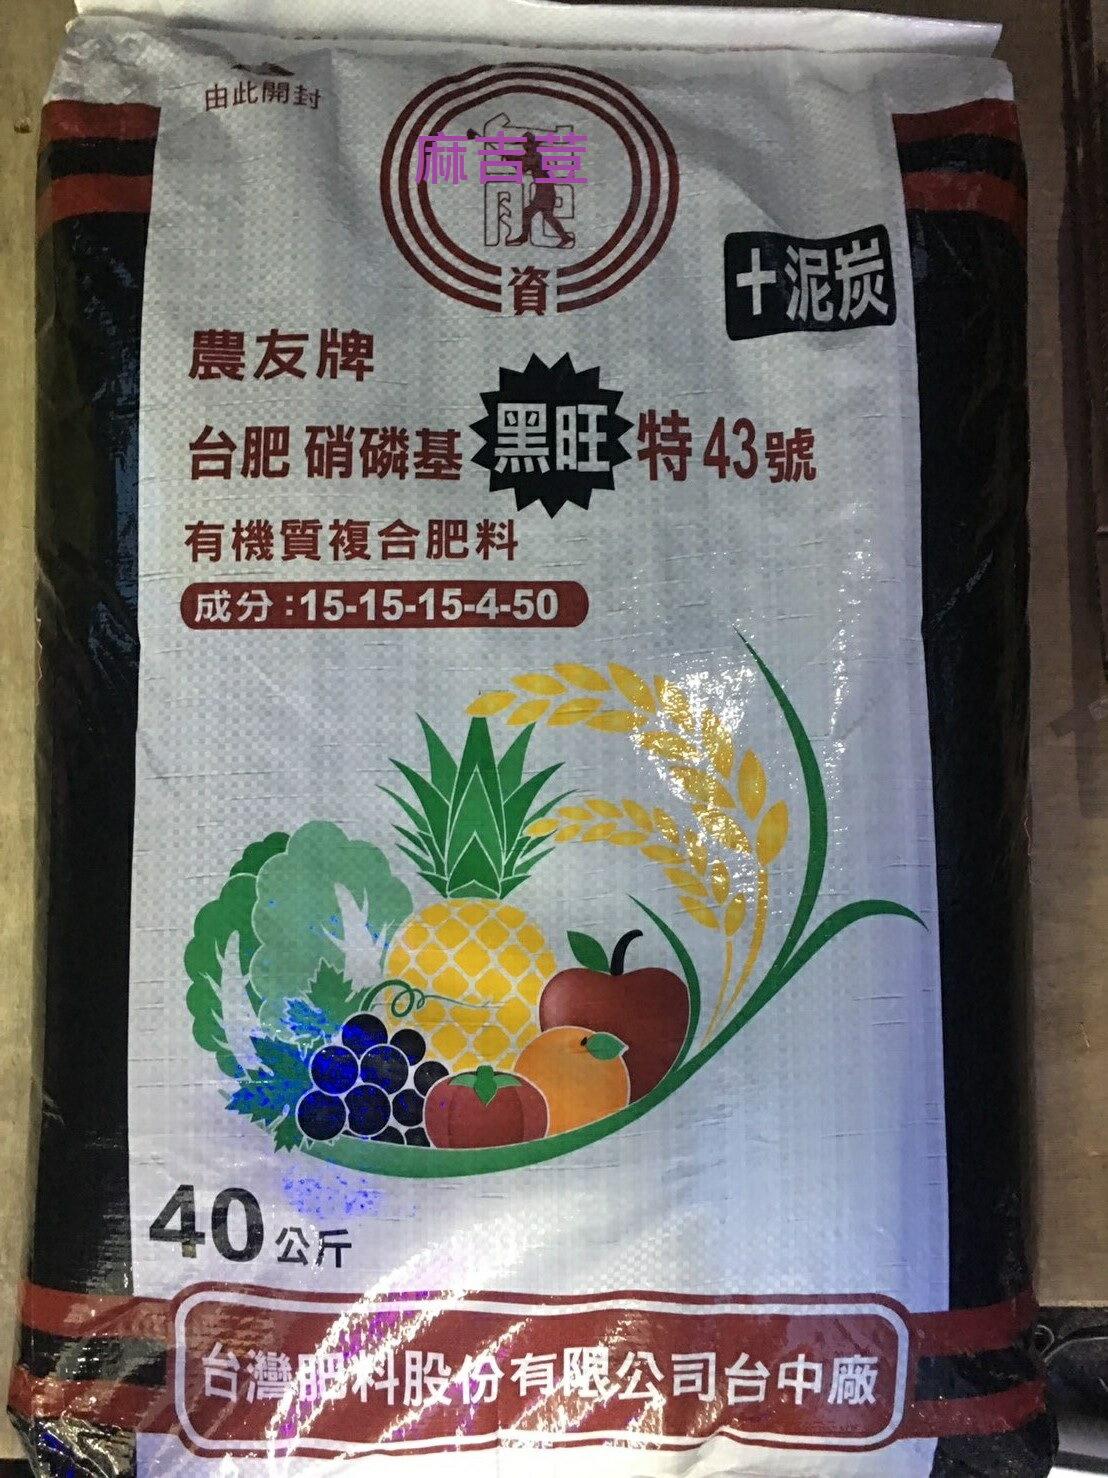 台肥硝磷基 農友牌 黑旺-特43號有機質複合肥料+泥炭 40公斤裝 固態 粒狀 肥製(複)字第0792033號